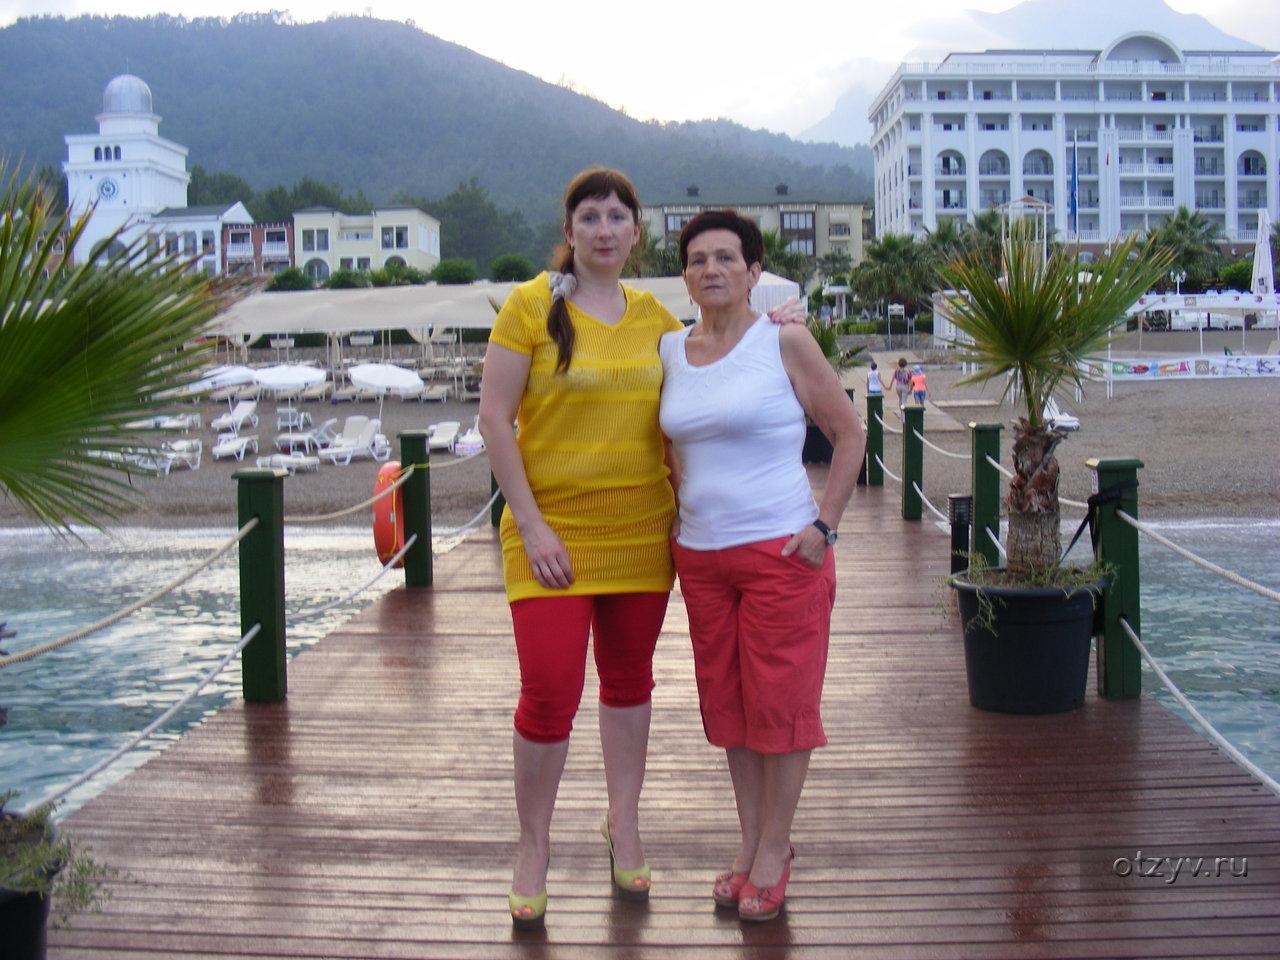 амара дольче вита отель турция фото